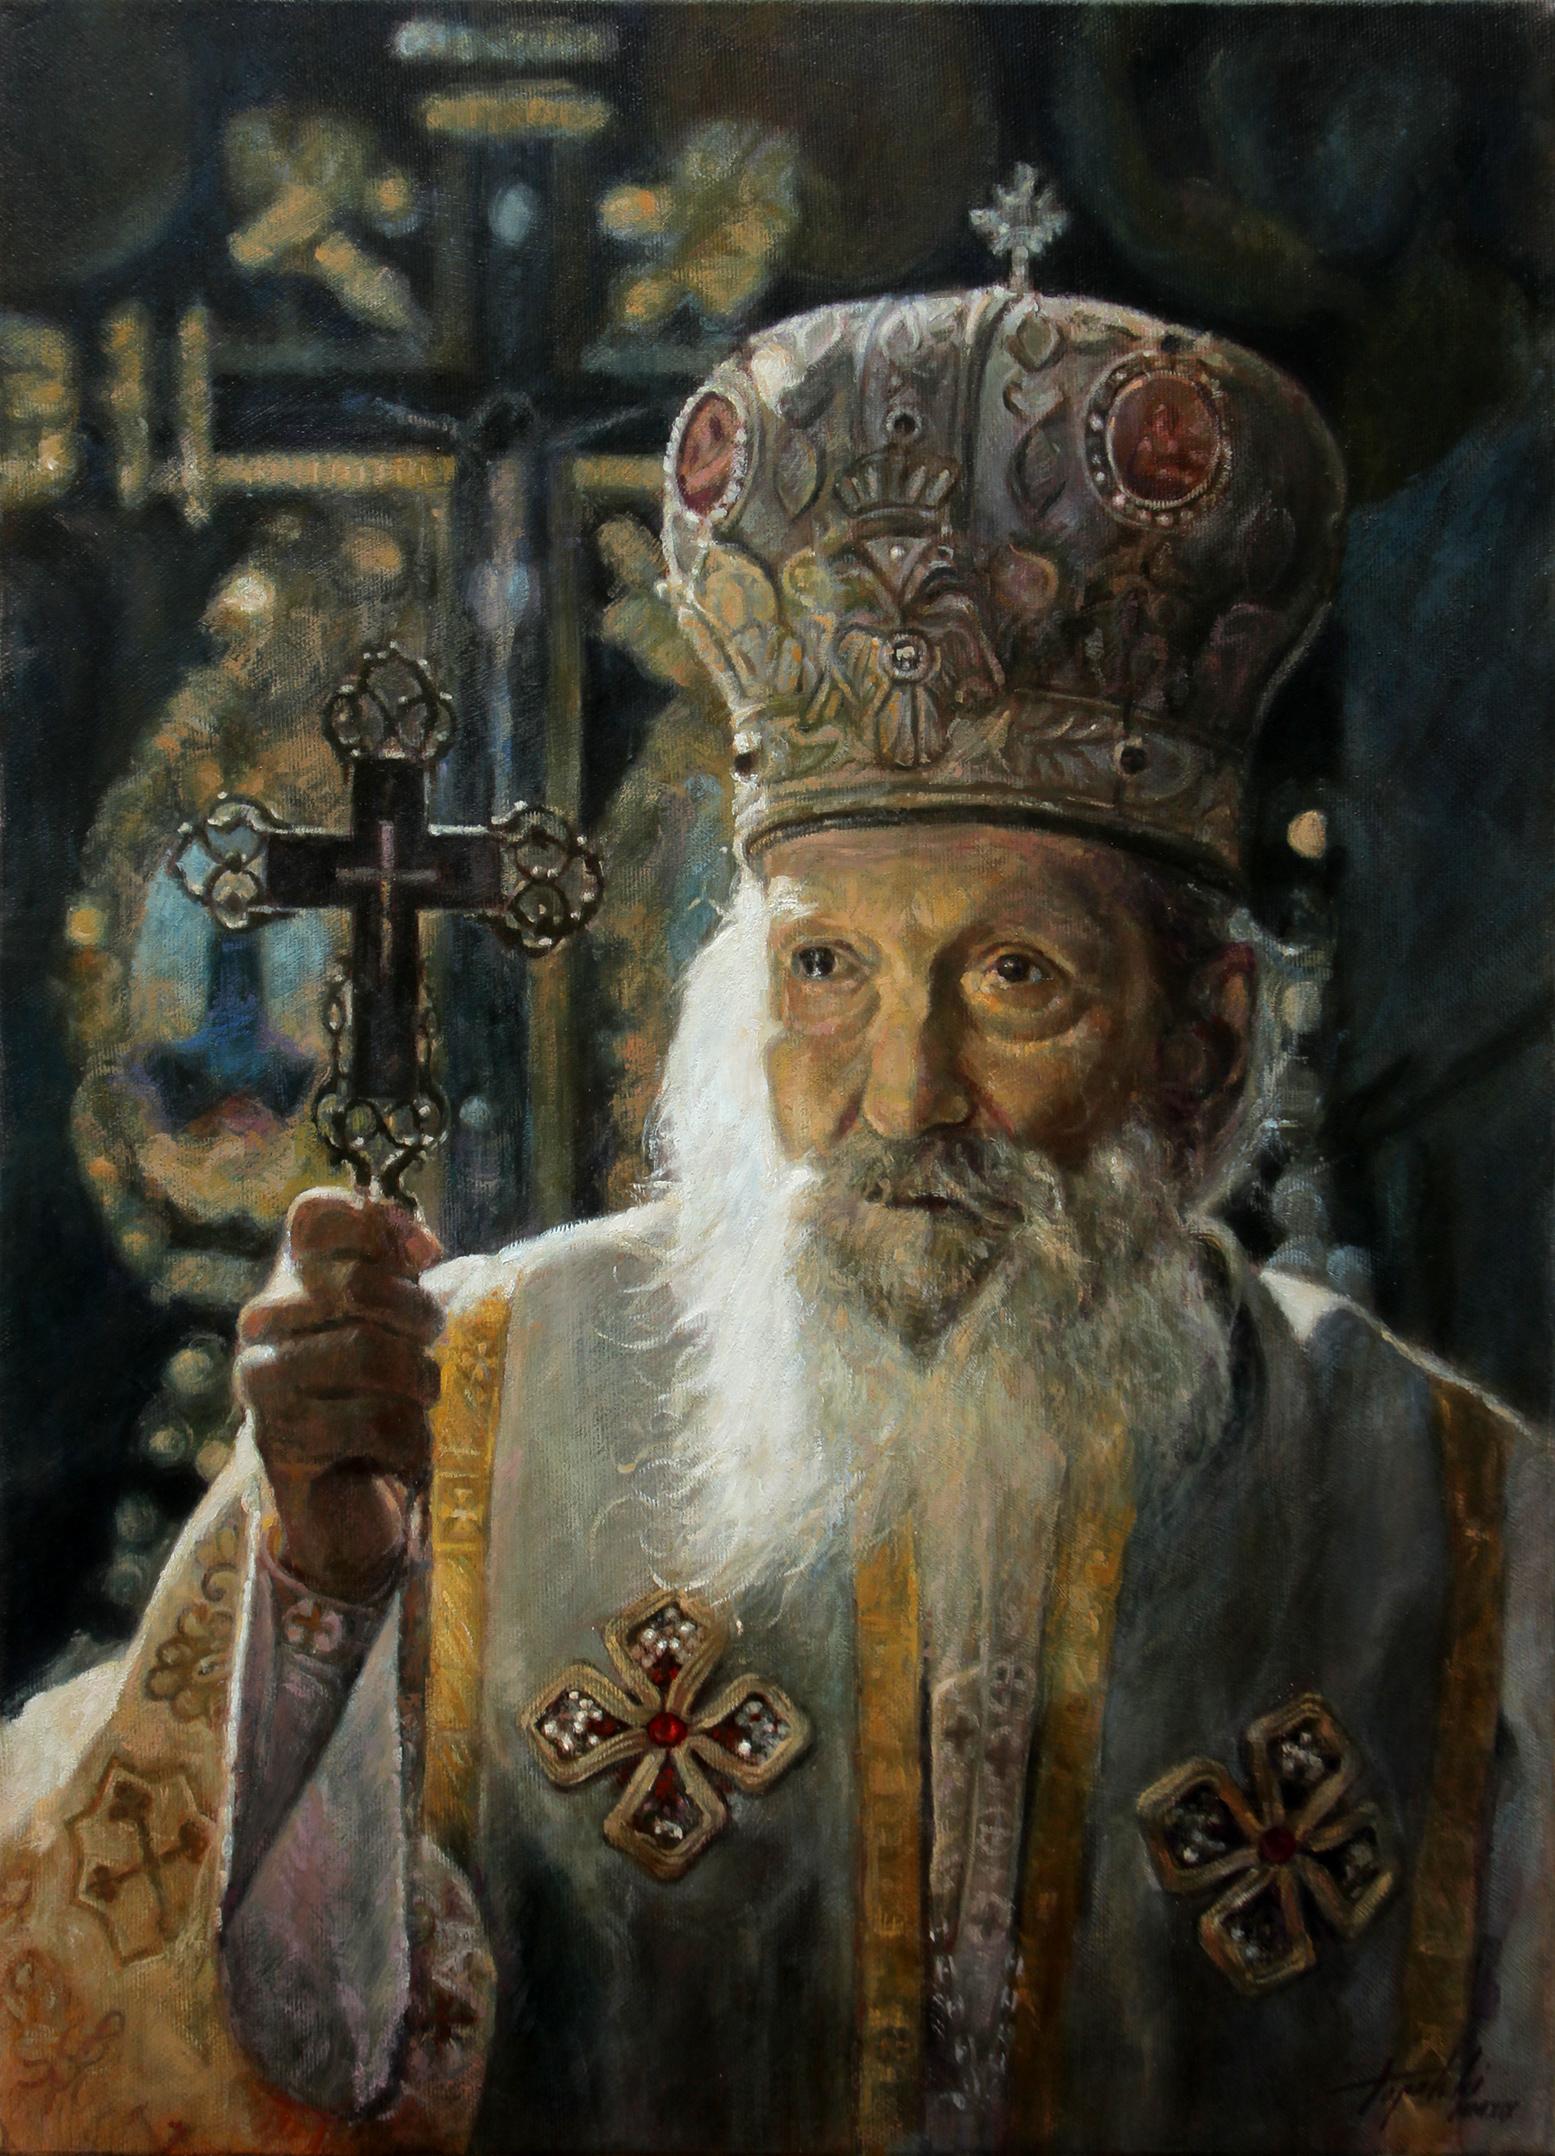 Српски Патријарх Павле - уље на платну 55x40цм, 2019.